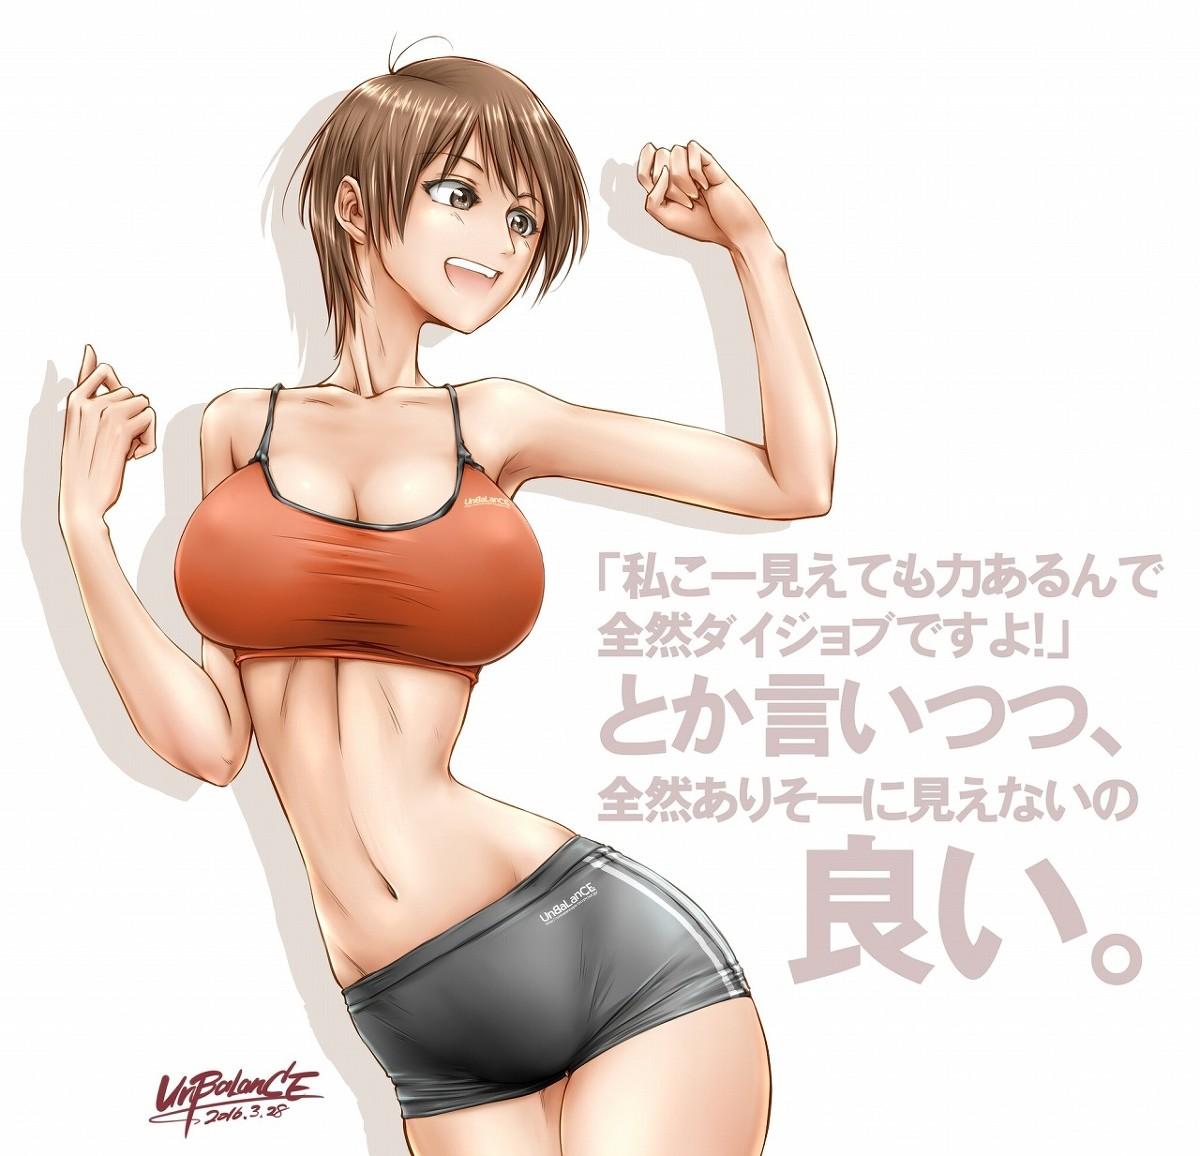 「ジジイのチンポが気持ちええじゃろ…?(ニヤニヤ」 スポーツ少女がボケたふりしたキモジジイにセクハラレイプされて絶頂www